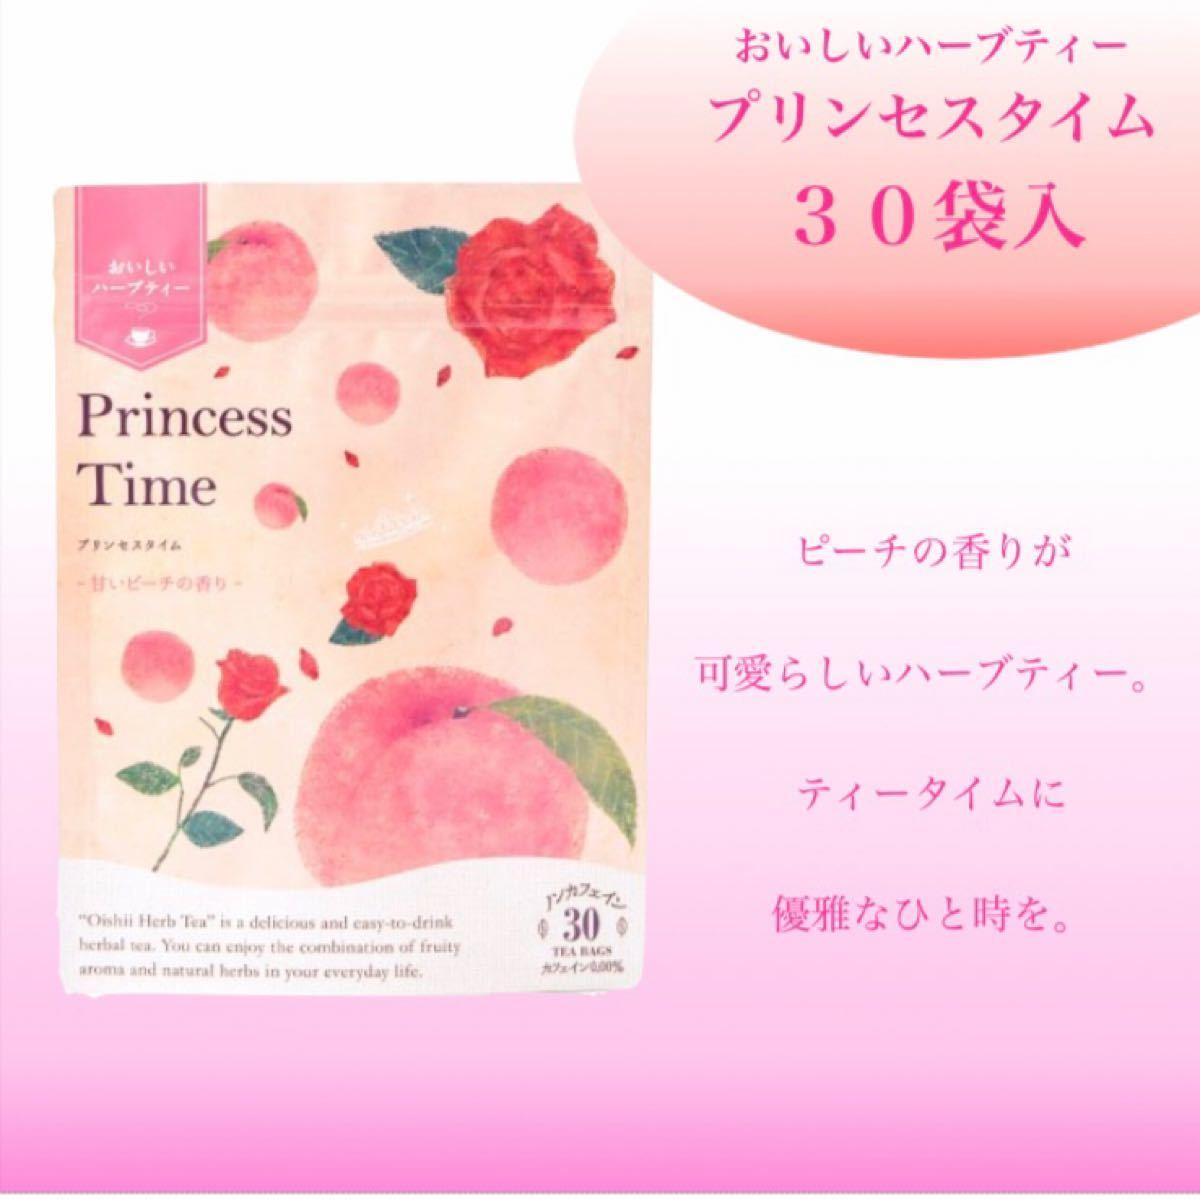 プリンセスタイム30TB×2袋 生活の木 おいしいハーブティー